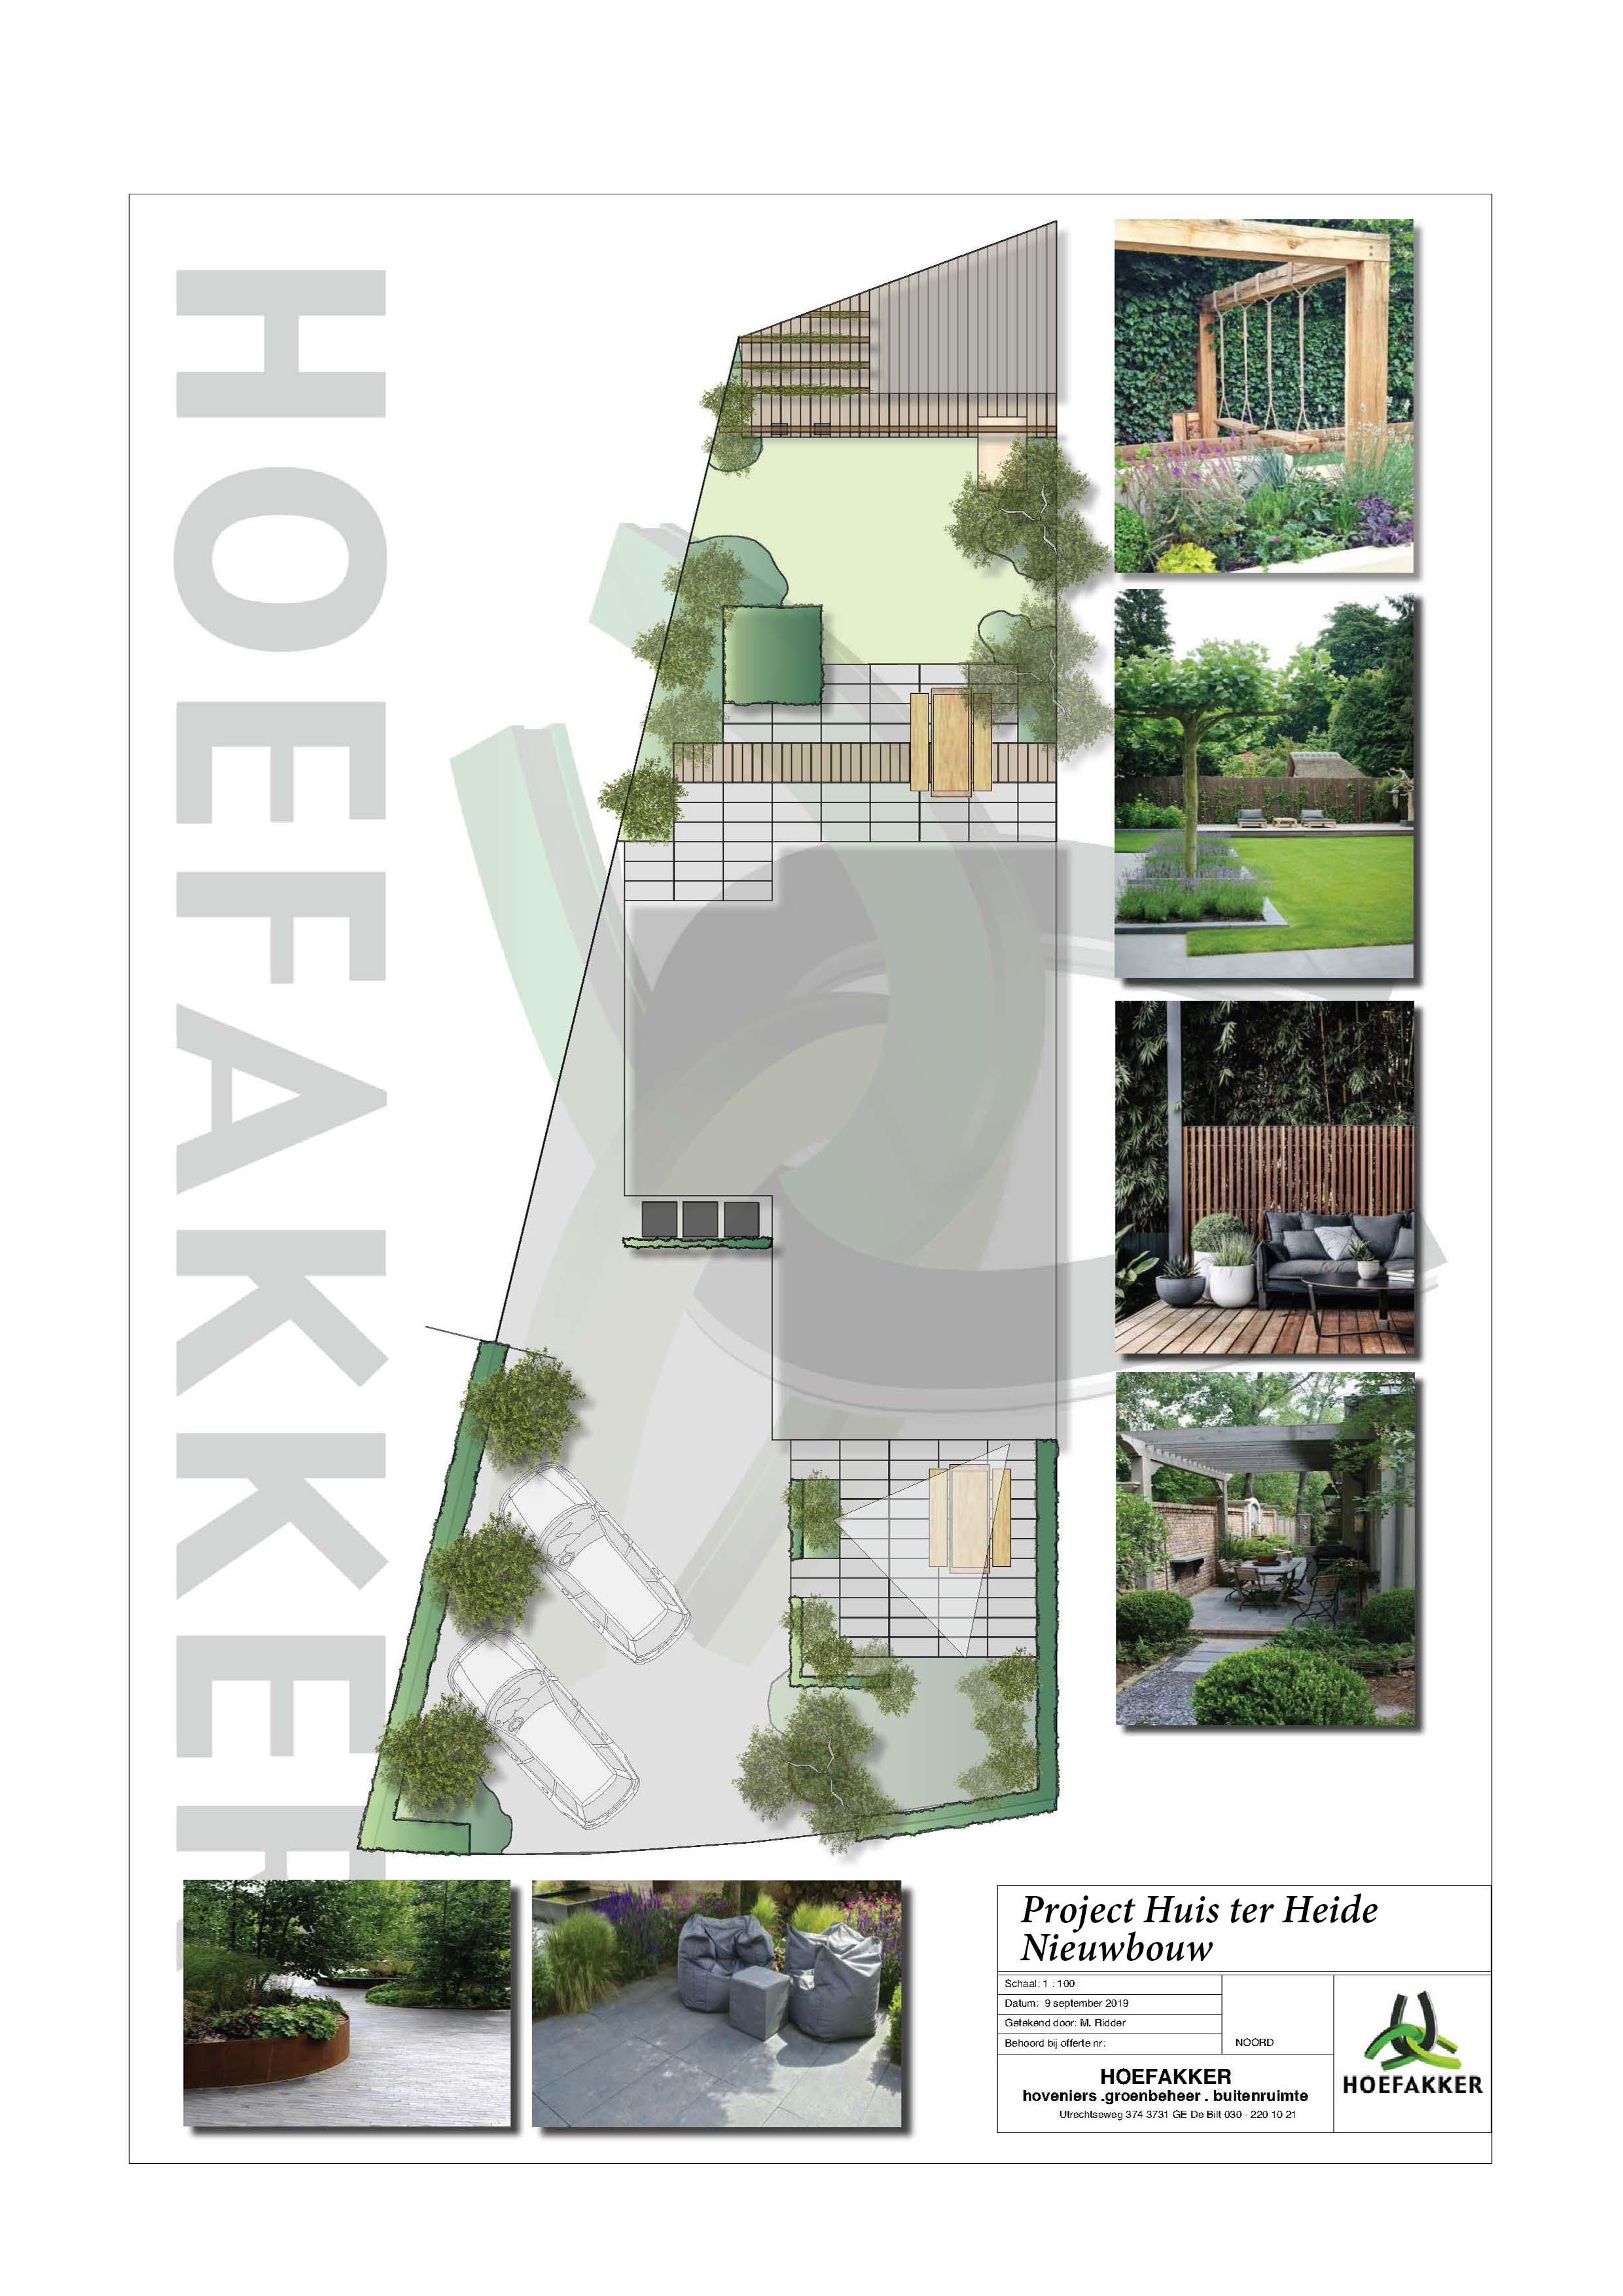 Hoefakker Hoveniers Tuinontwerp Project Huis ter Heide nieuwbouw